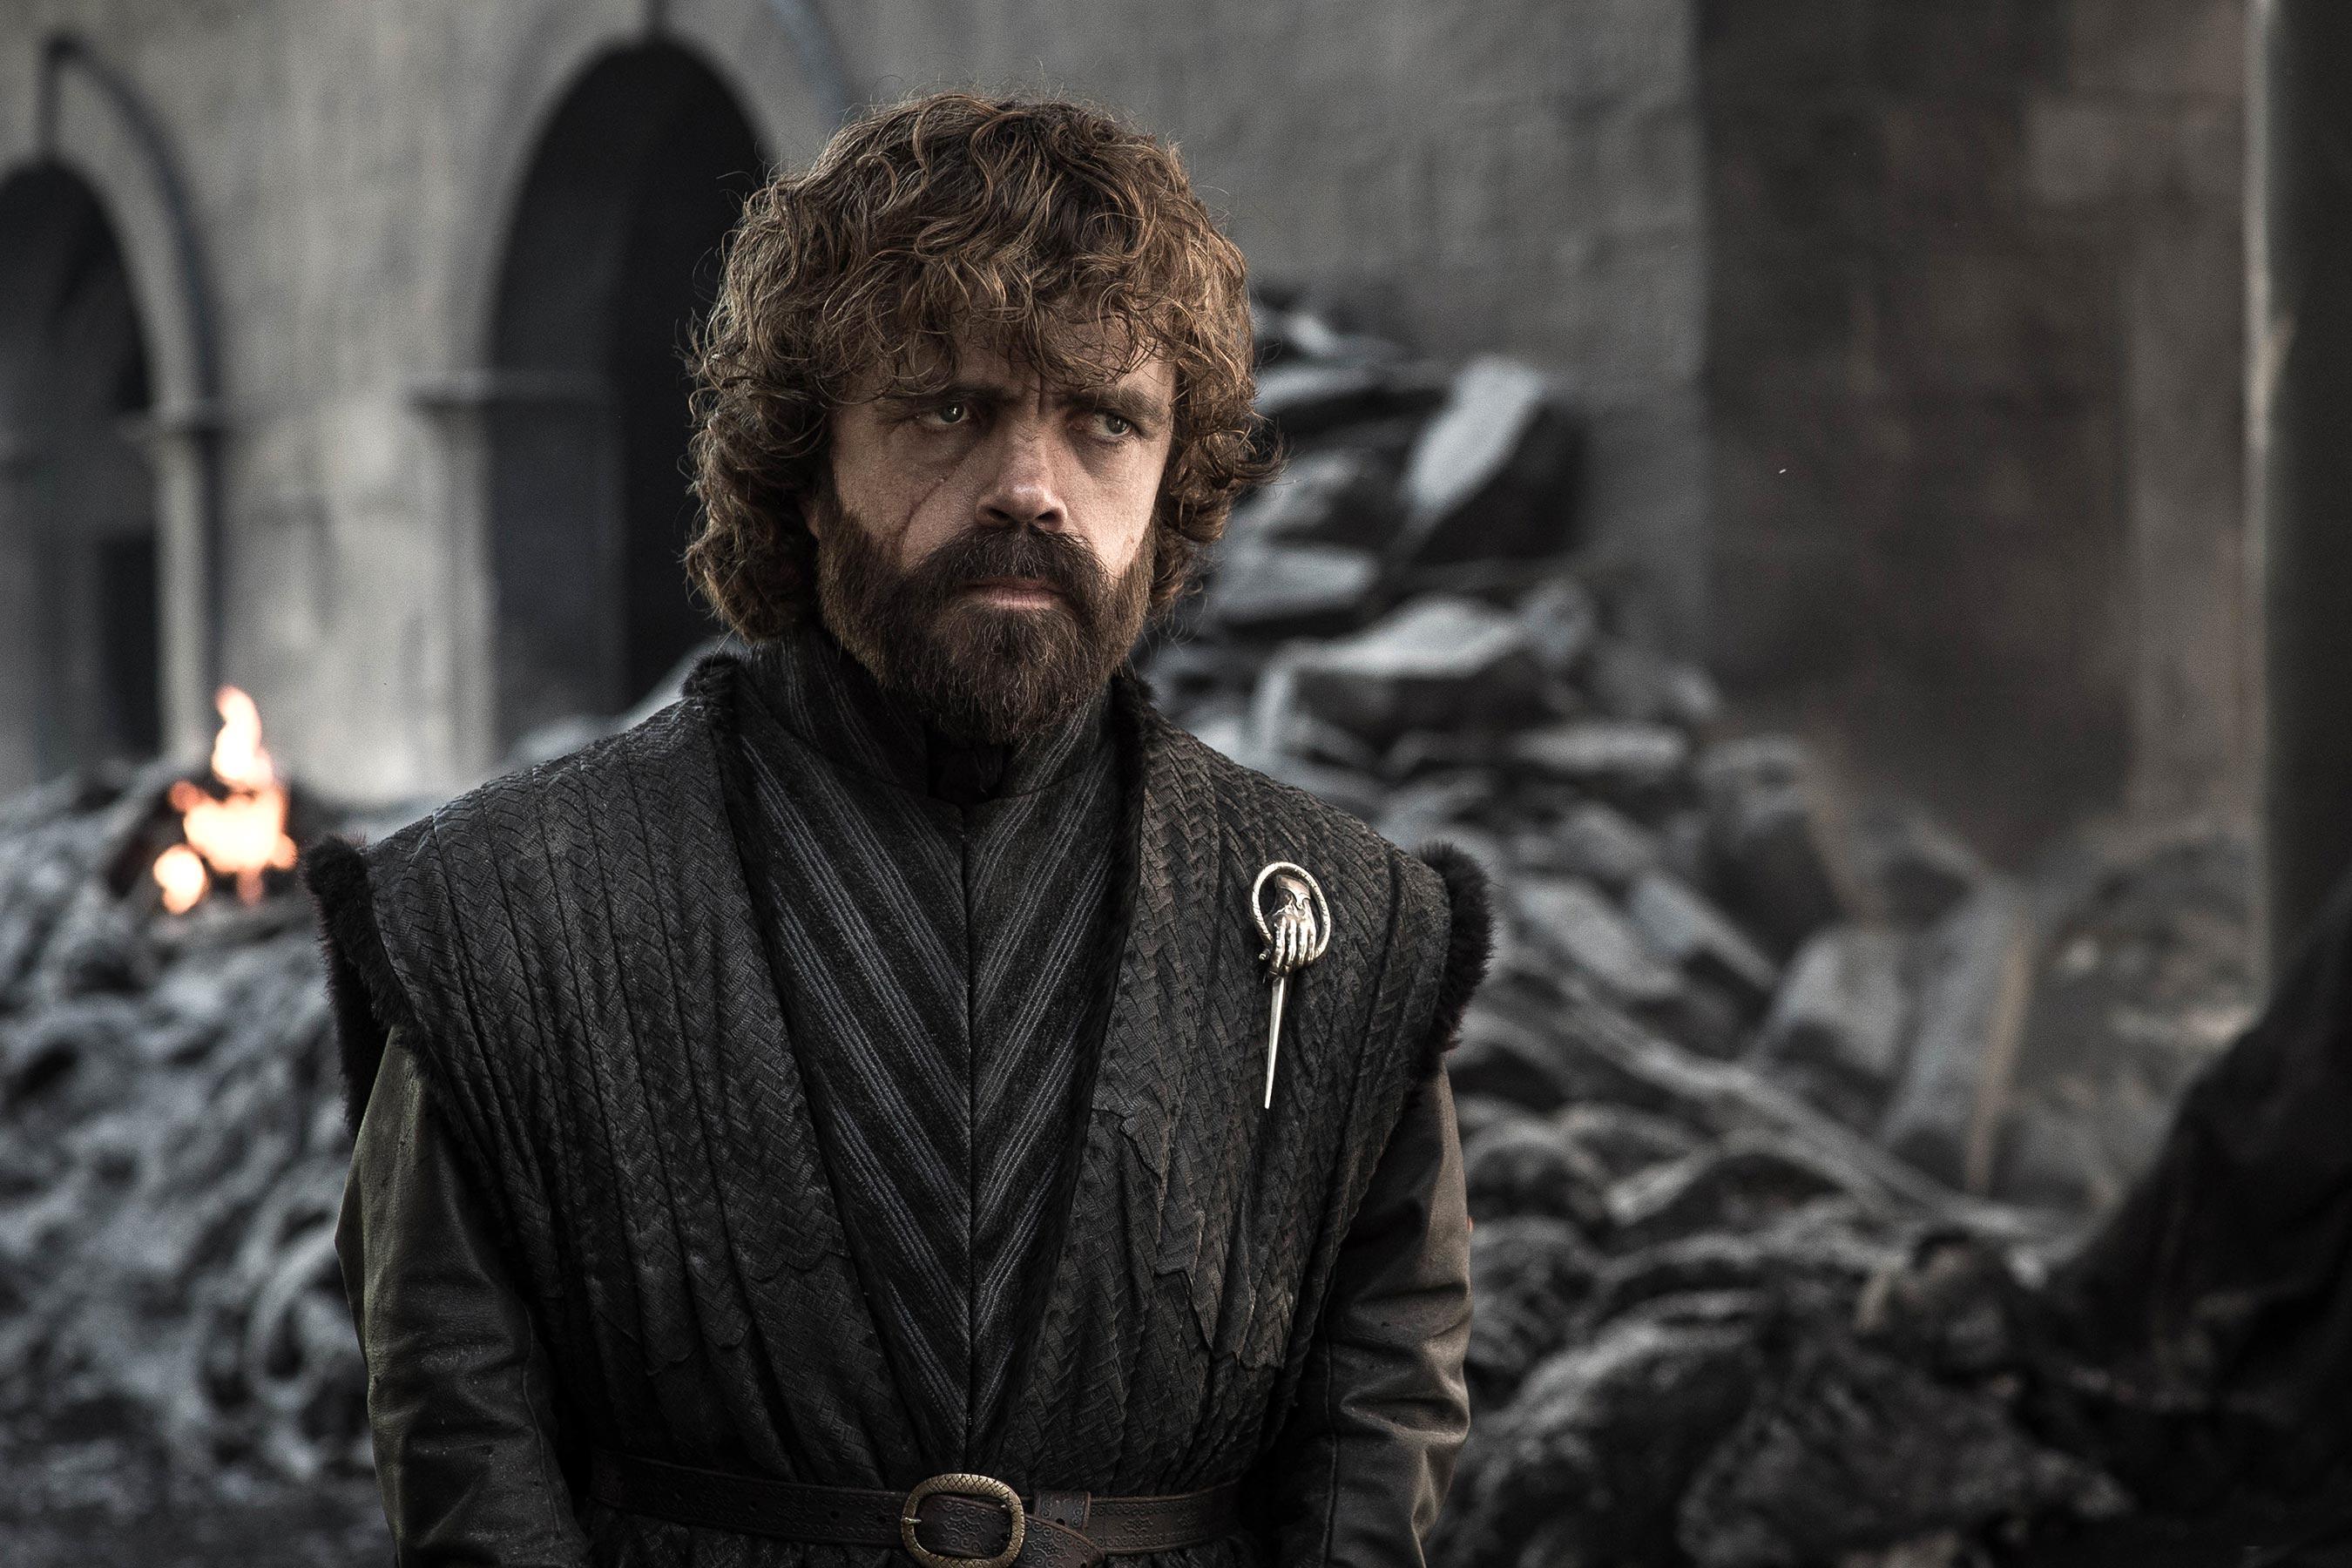 ¡El final ya está aquí! ¡Mira las imágenes del último capítulo de Game of Thrones!